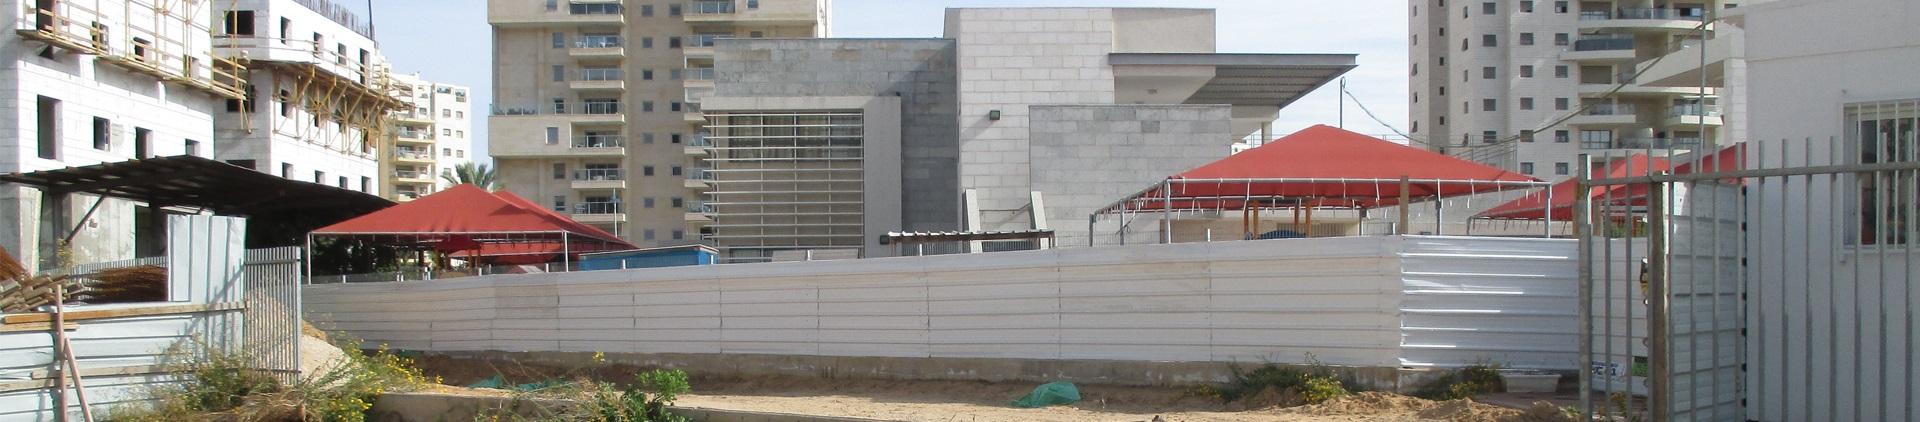 גידור לאתרי בנייה